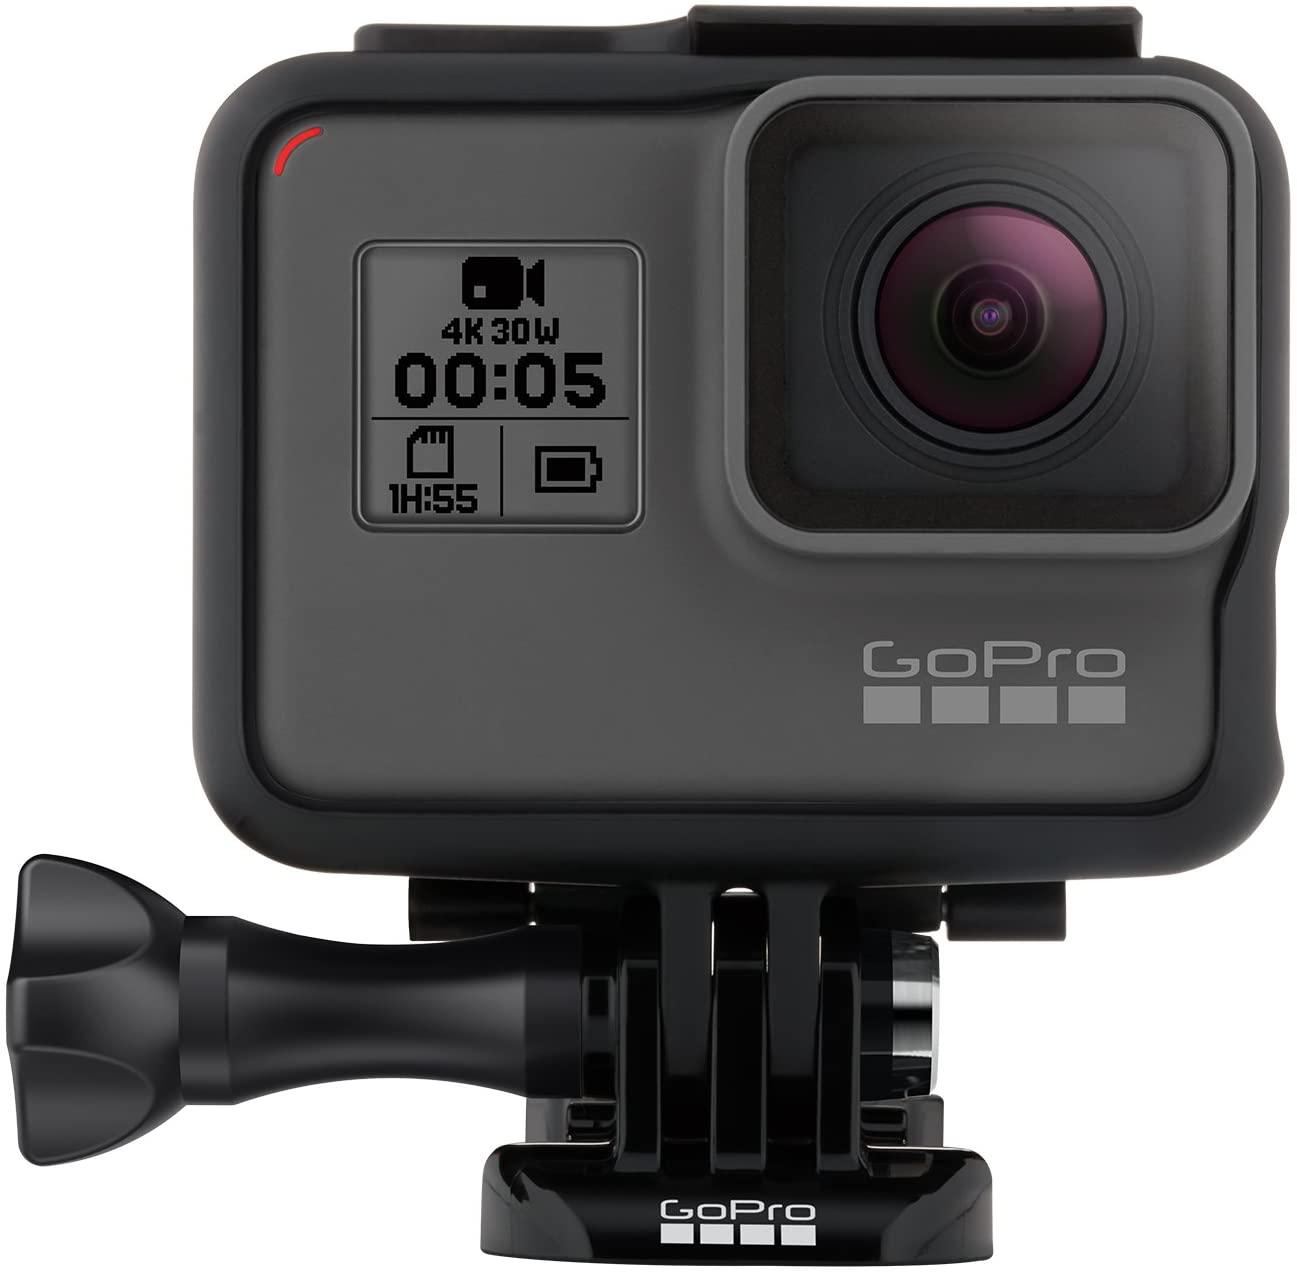 GoProは型落ちモデルから始めよう!